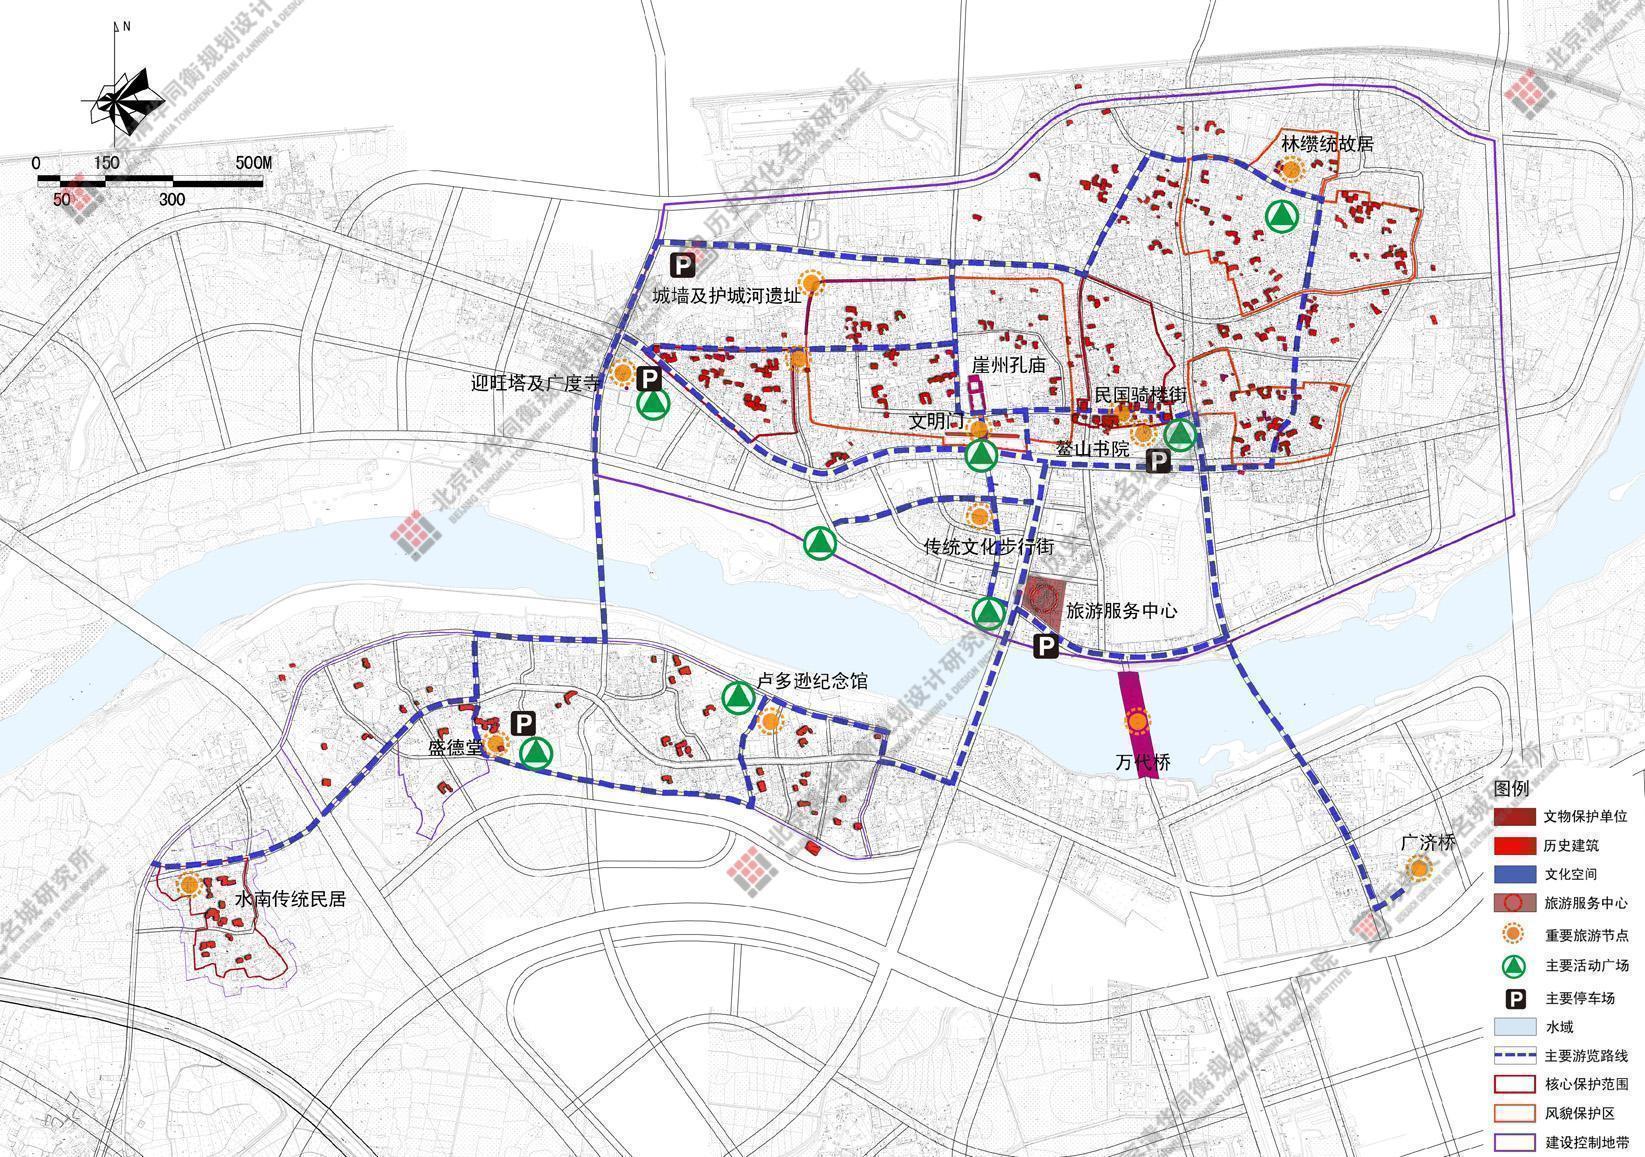 三亚崖城历史文化名镇保护规划(2011年海南省优秀规划图片